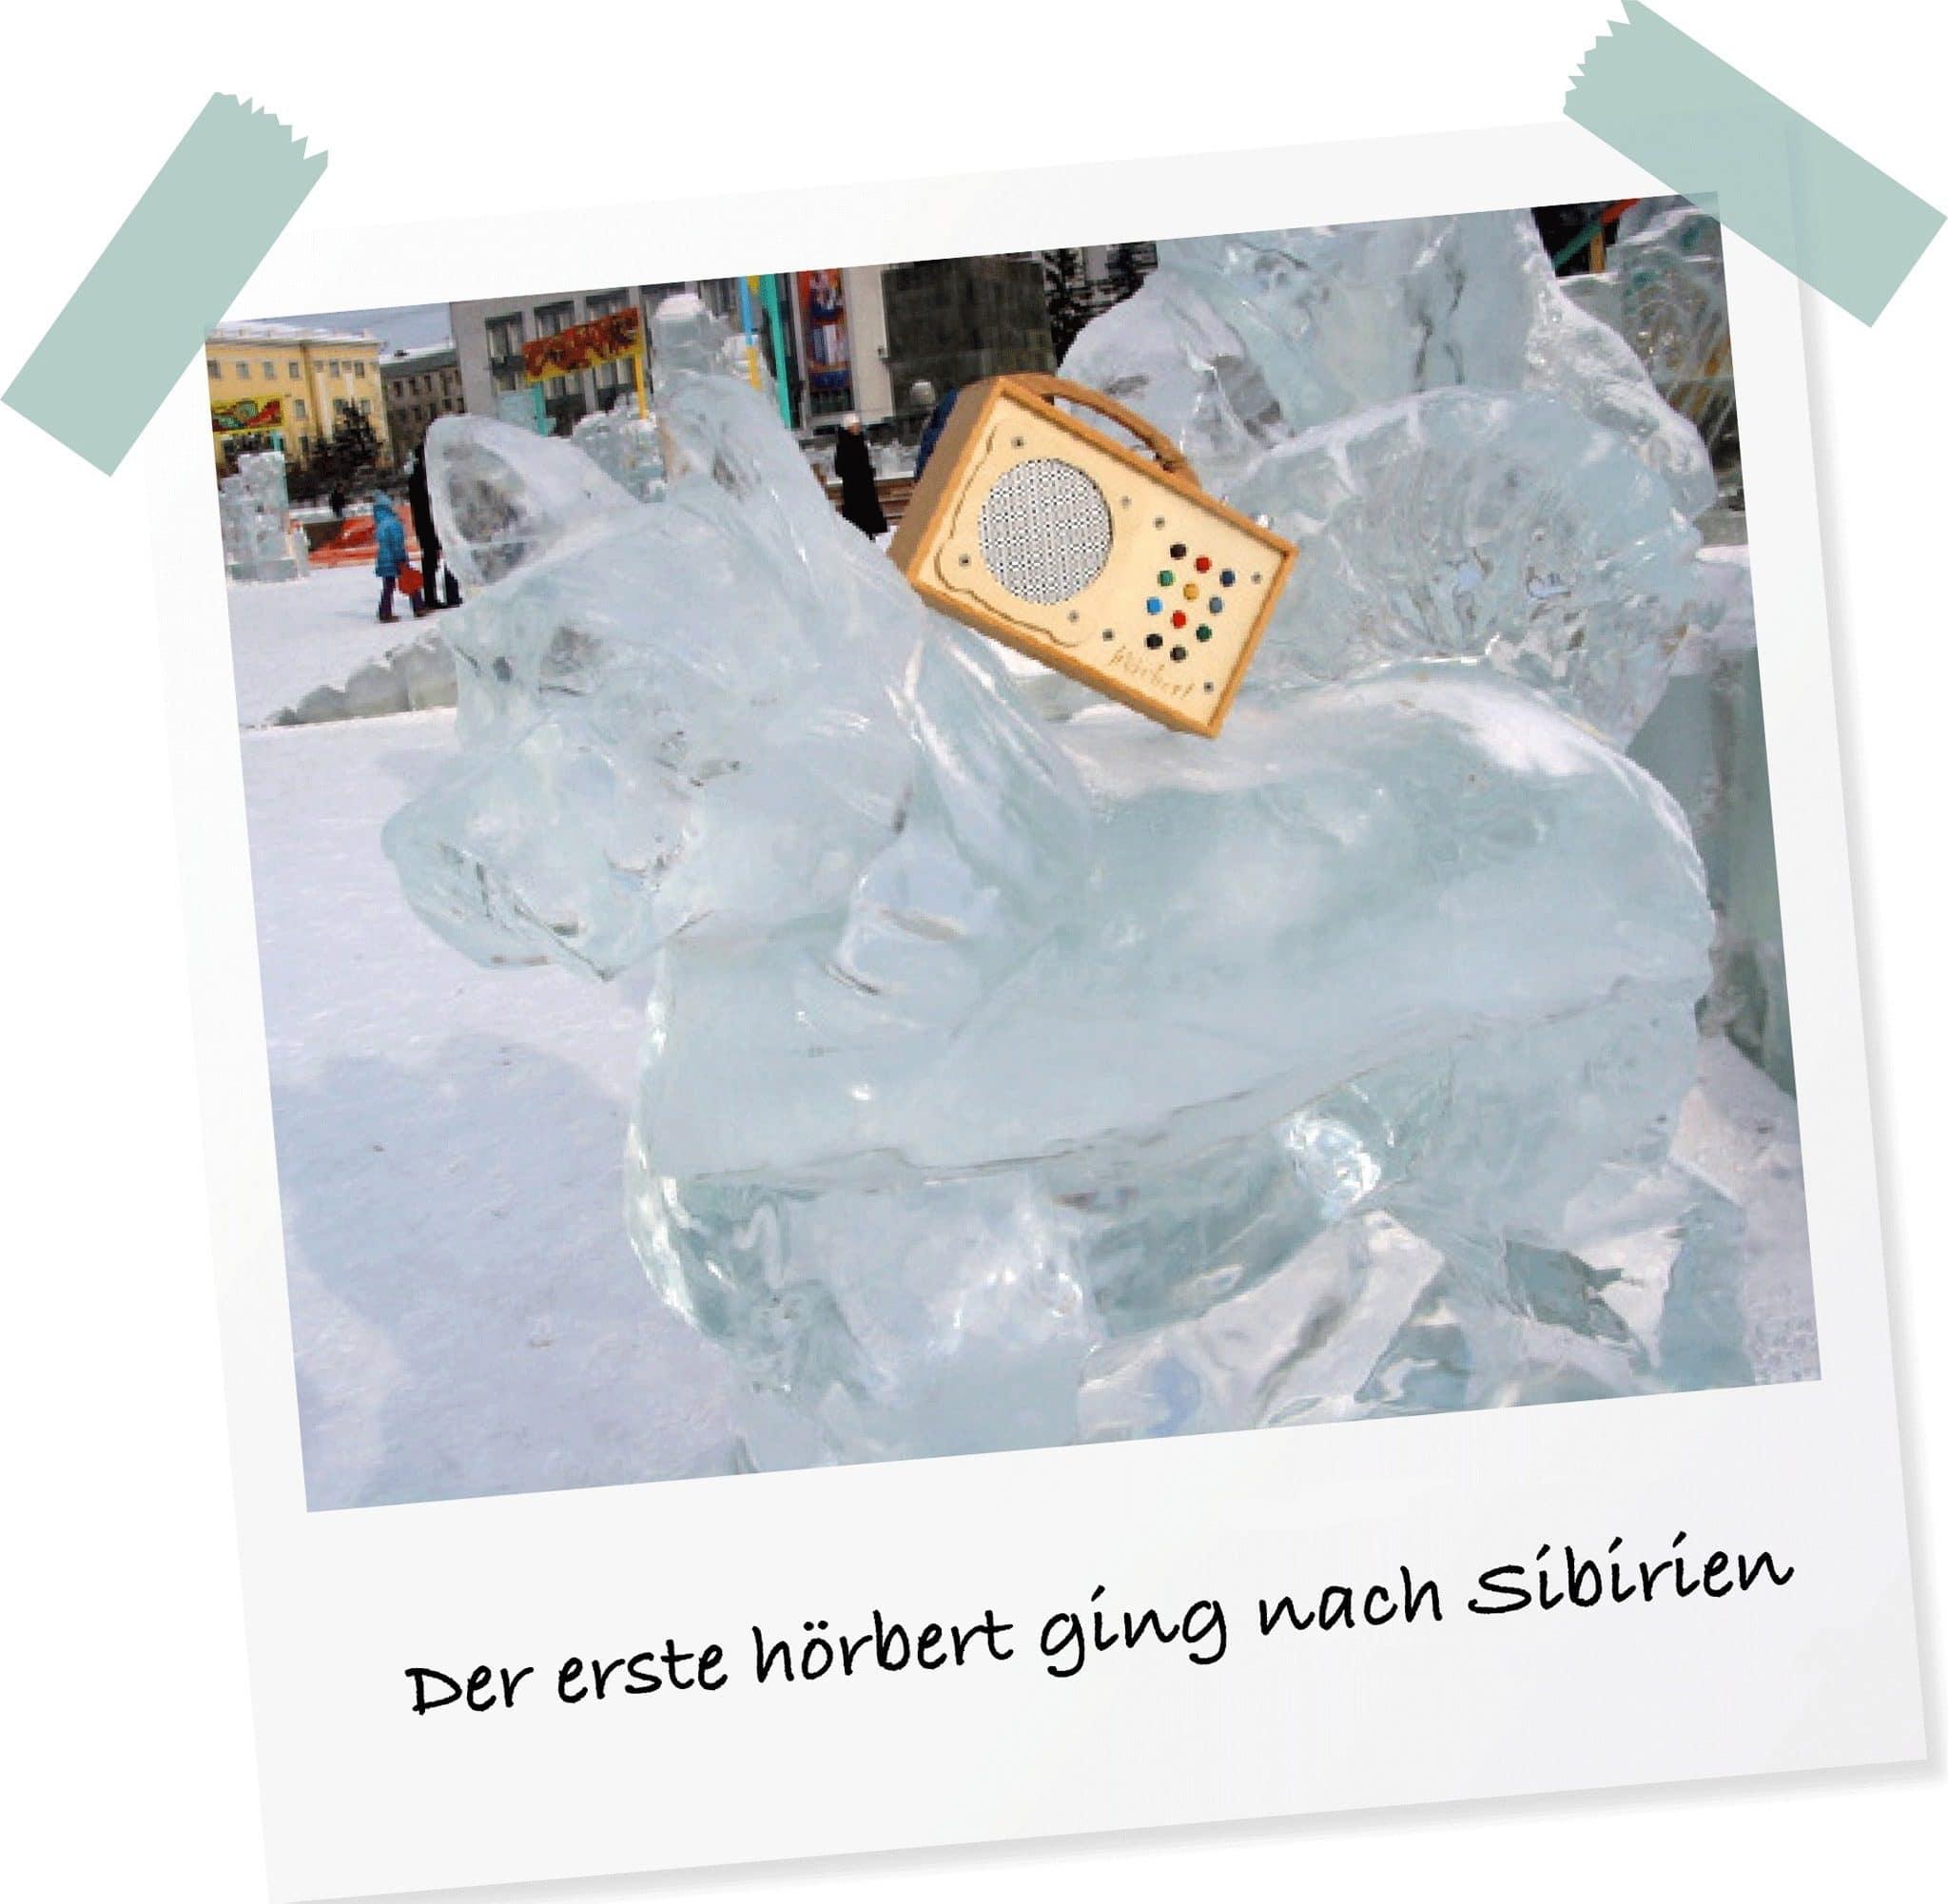 hörbert ist in Sibirien auf einer Eisskulptur zu sehen